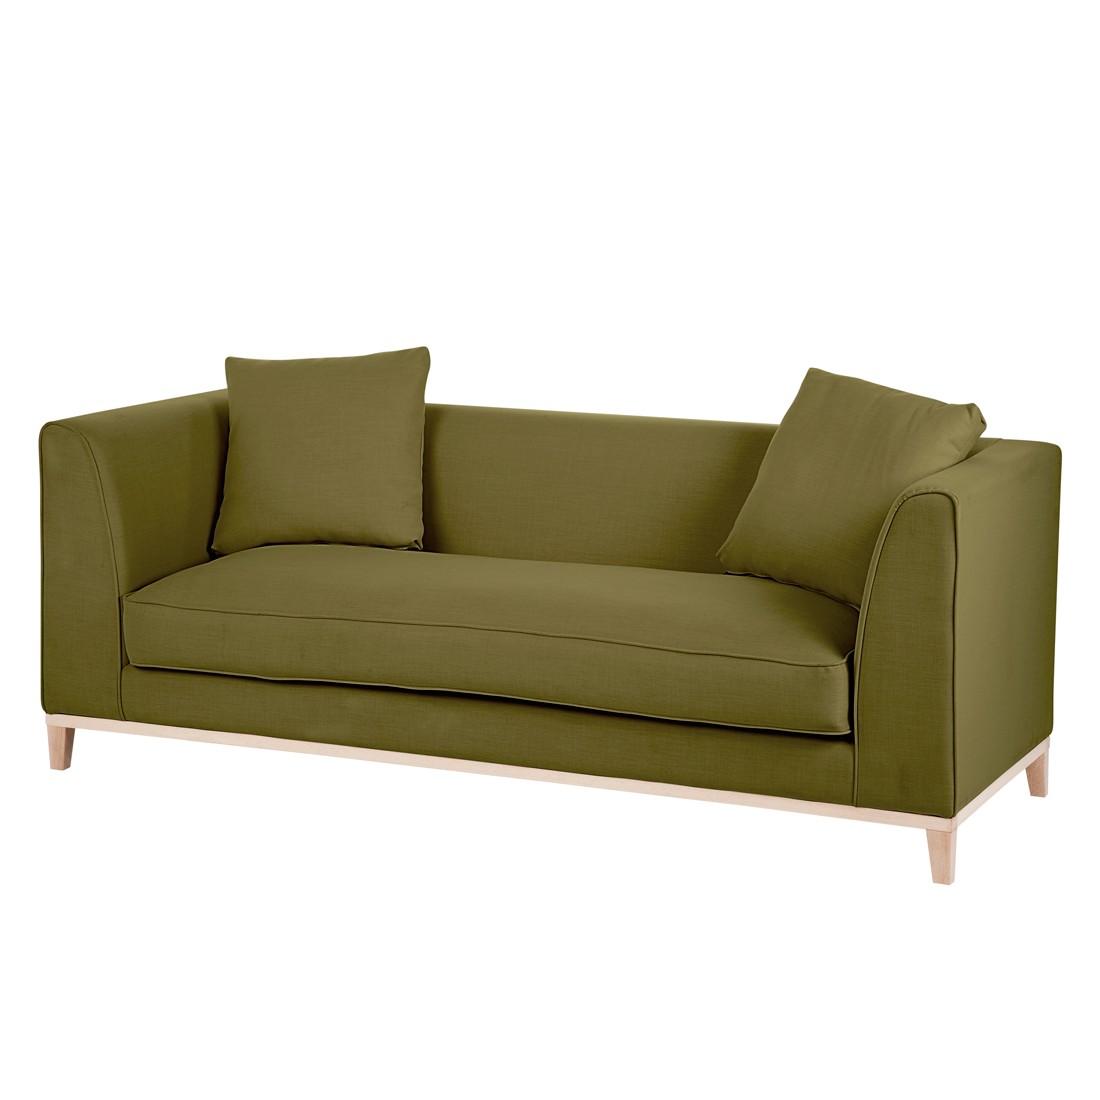 Sofa Aristocat (2-Sitzer) – Stoff Olivgrün, Mørteens günstig bestellen